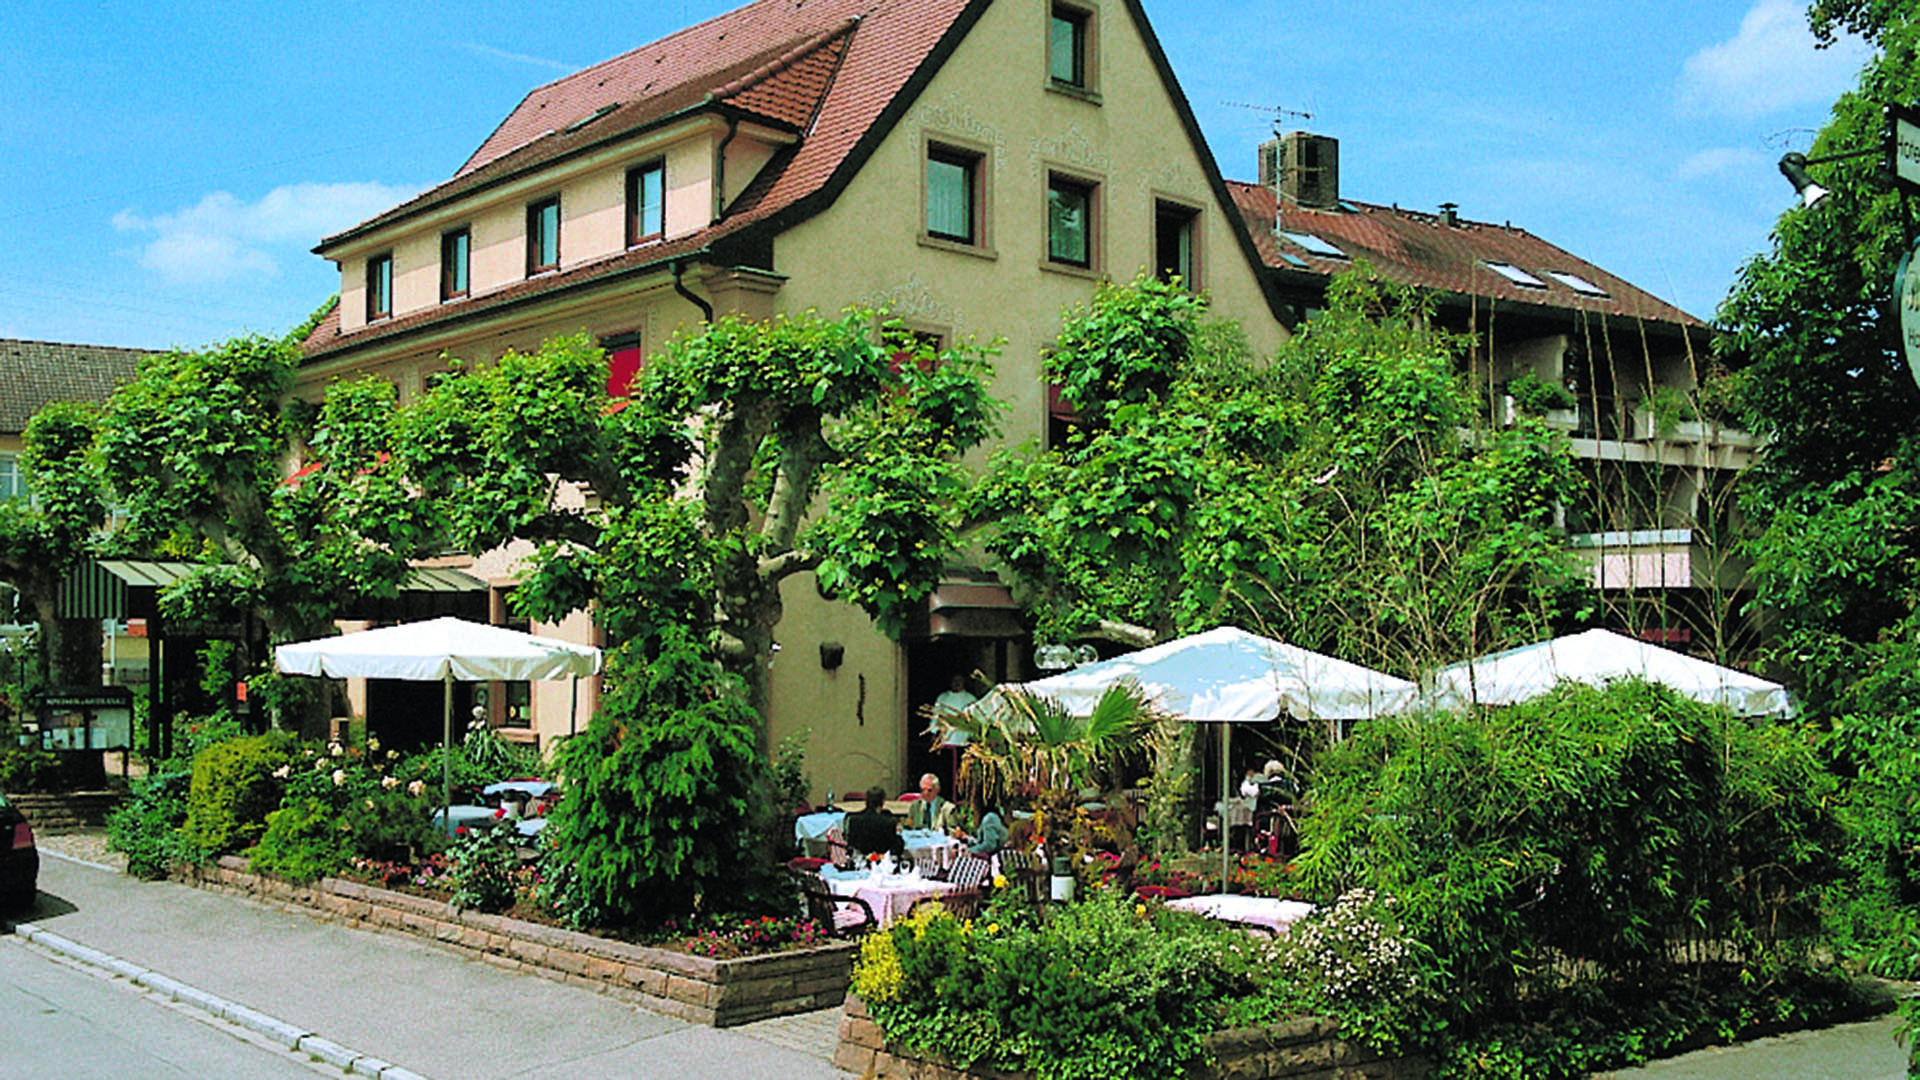 TOURENFAHRER Hotels 2016